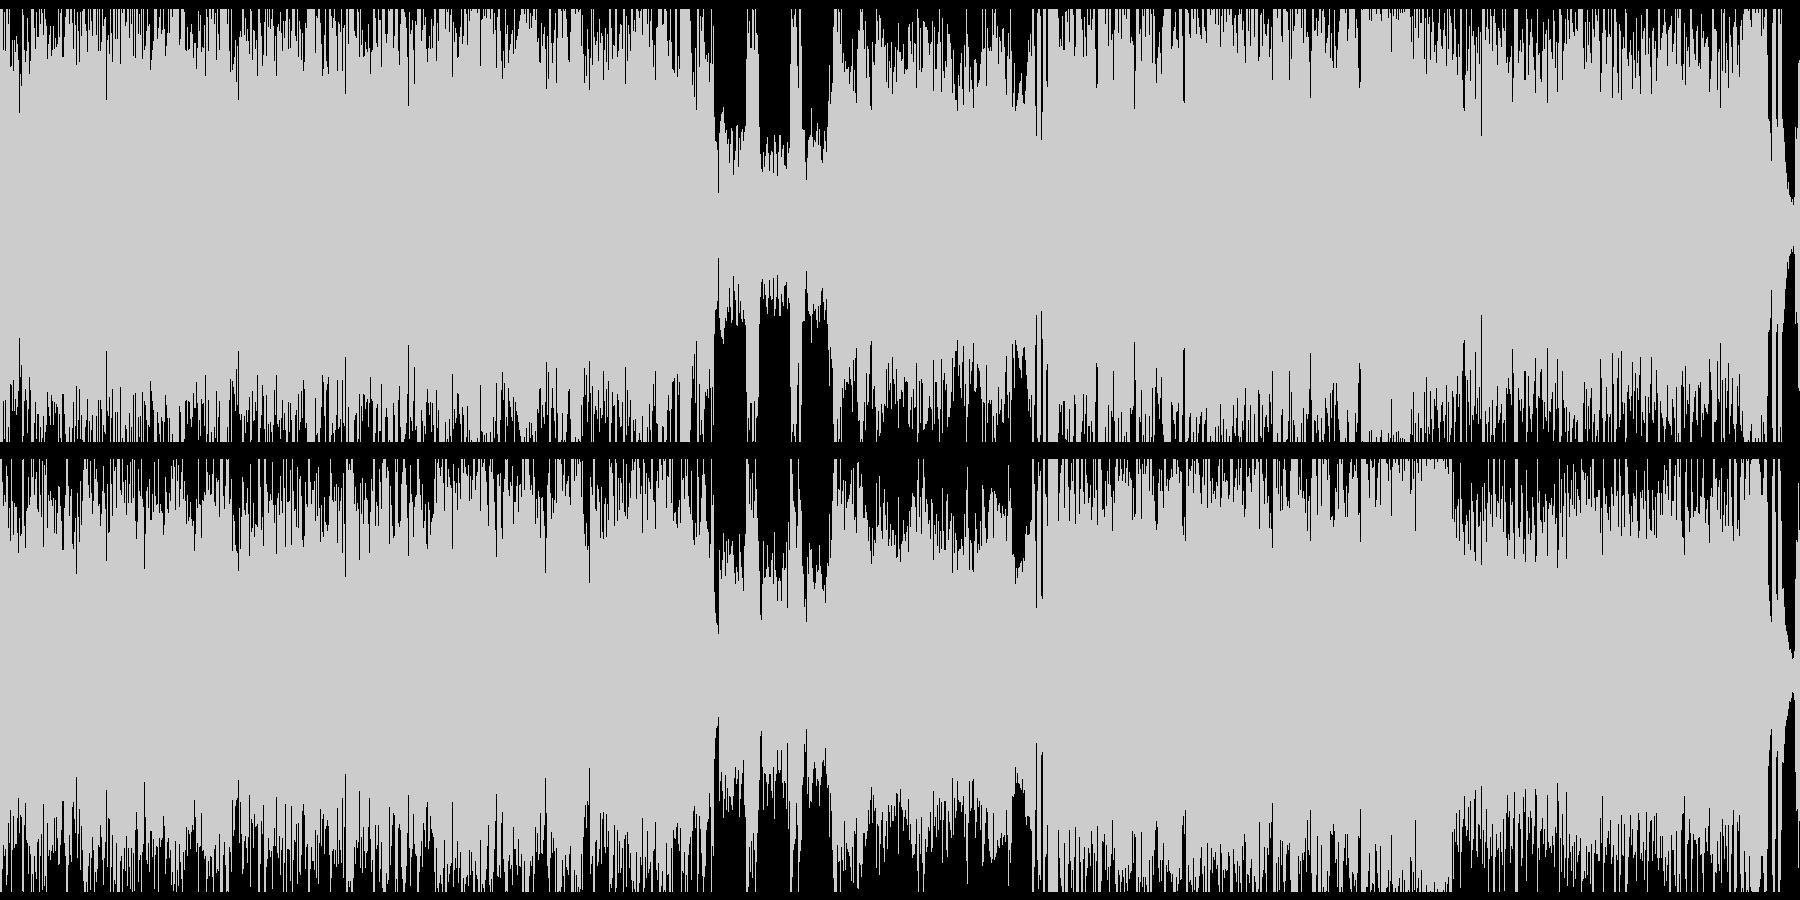 軽快で楽しいケルト曲(ループ)の未再生の波形